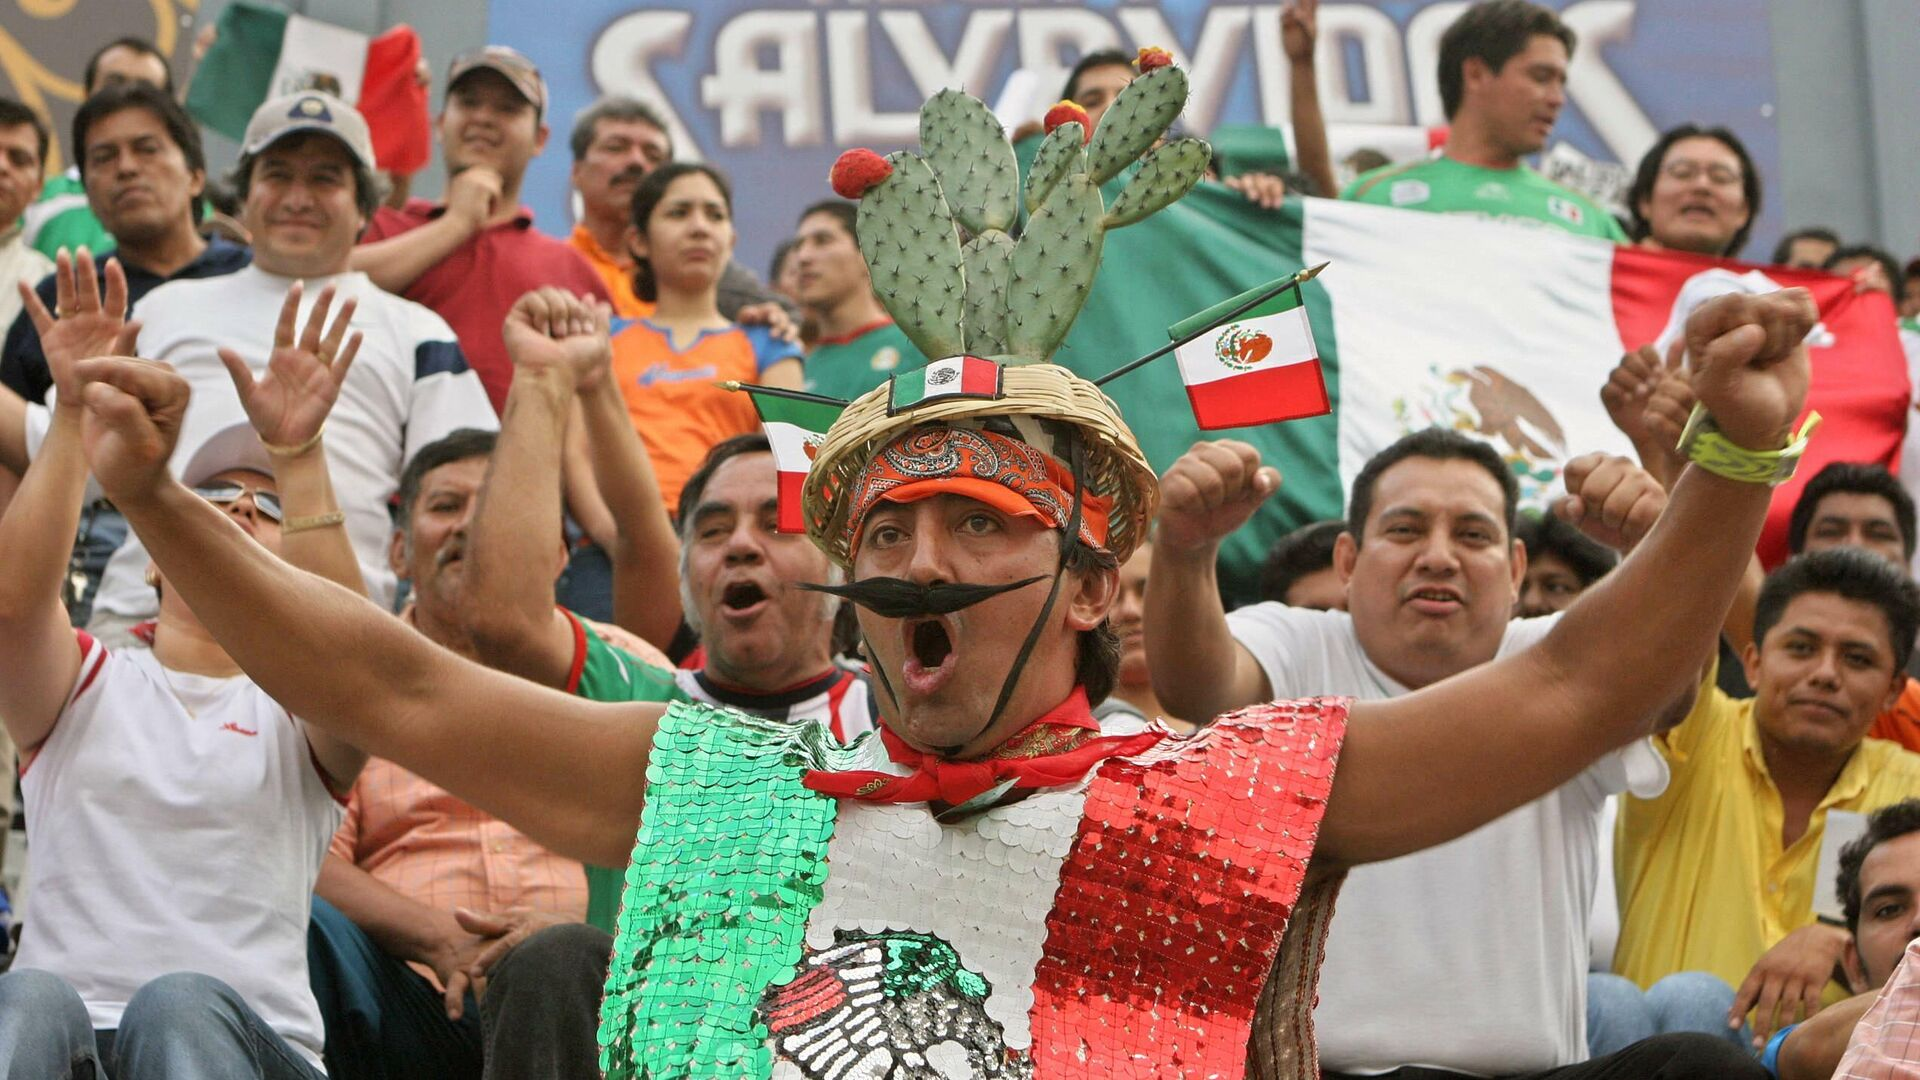 Mexicanos festejan en partidio de la Selección Mexicana - Sputnik Mundo, 1920, 12.10.2021